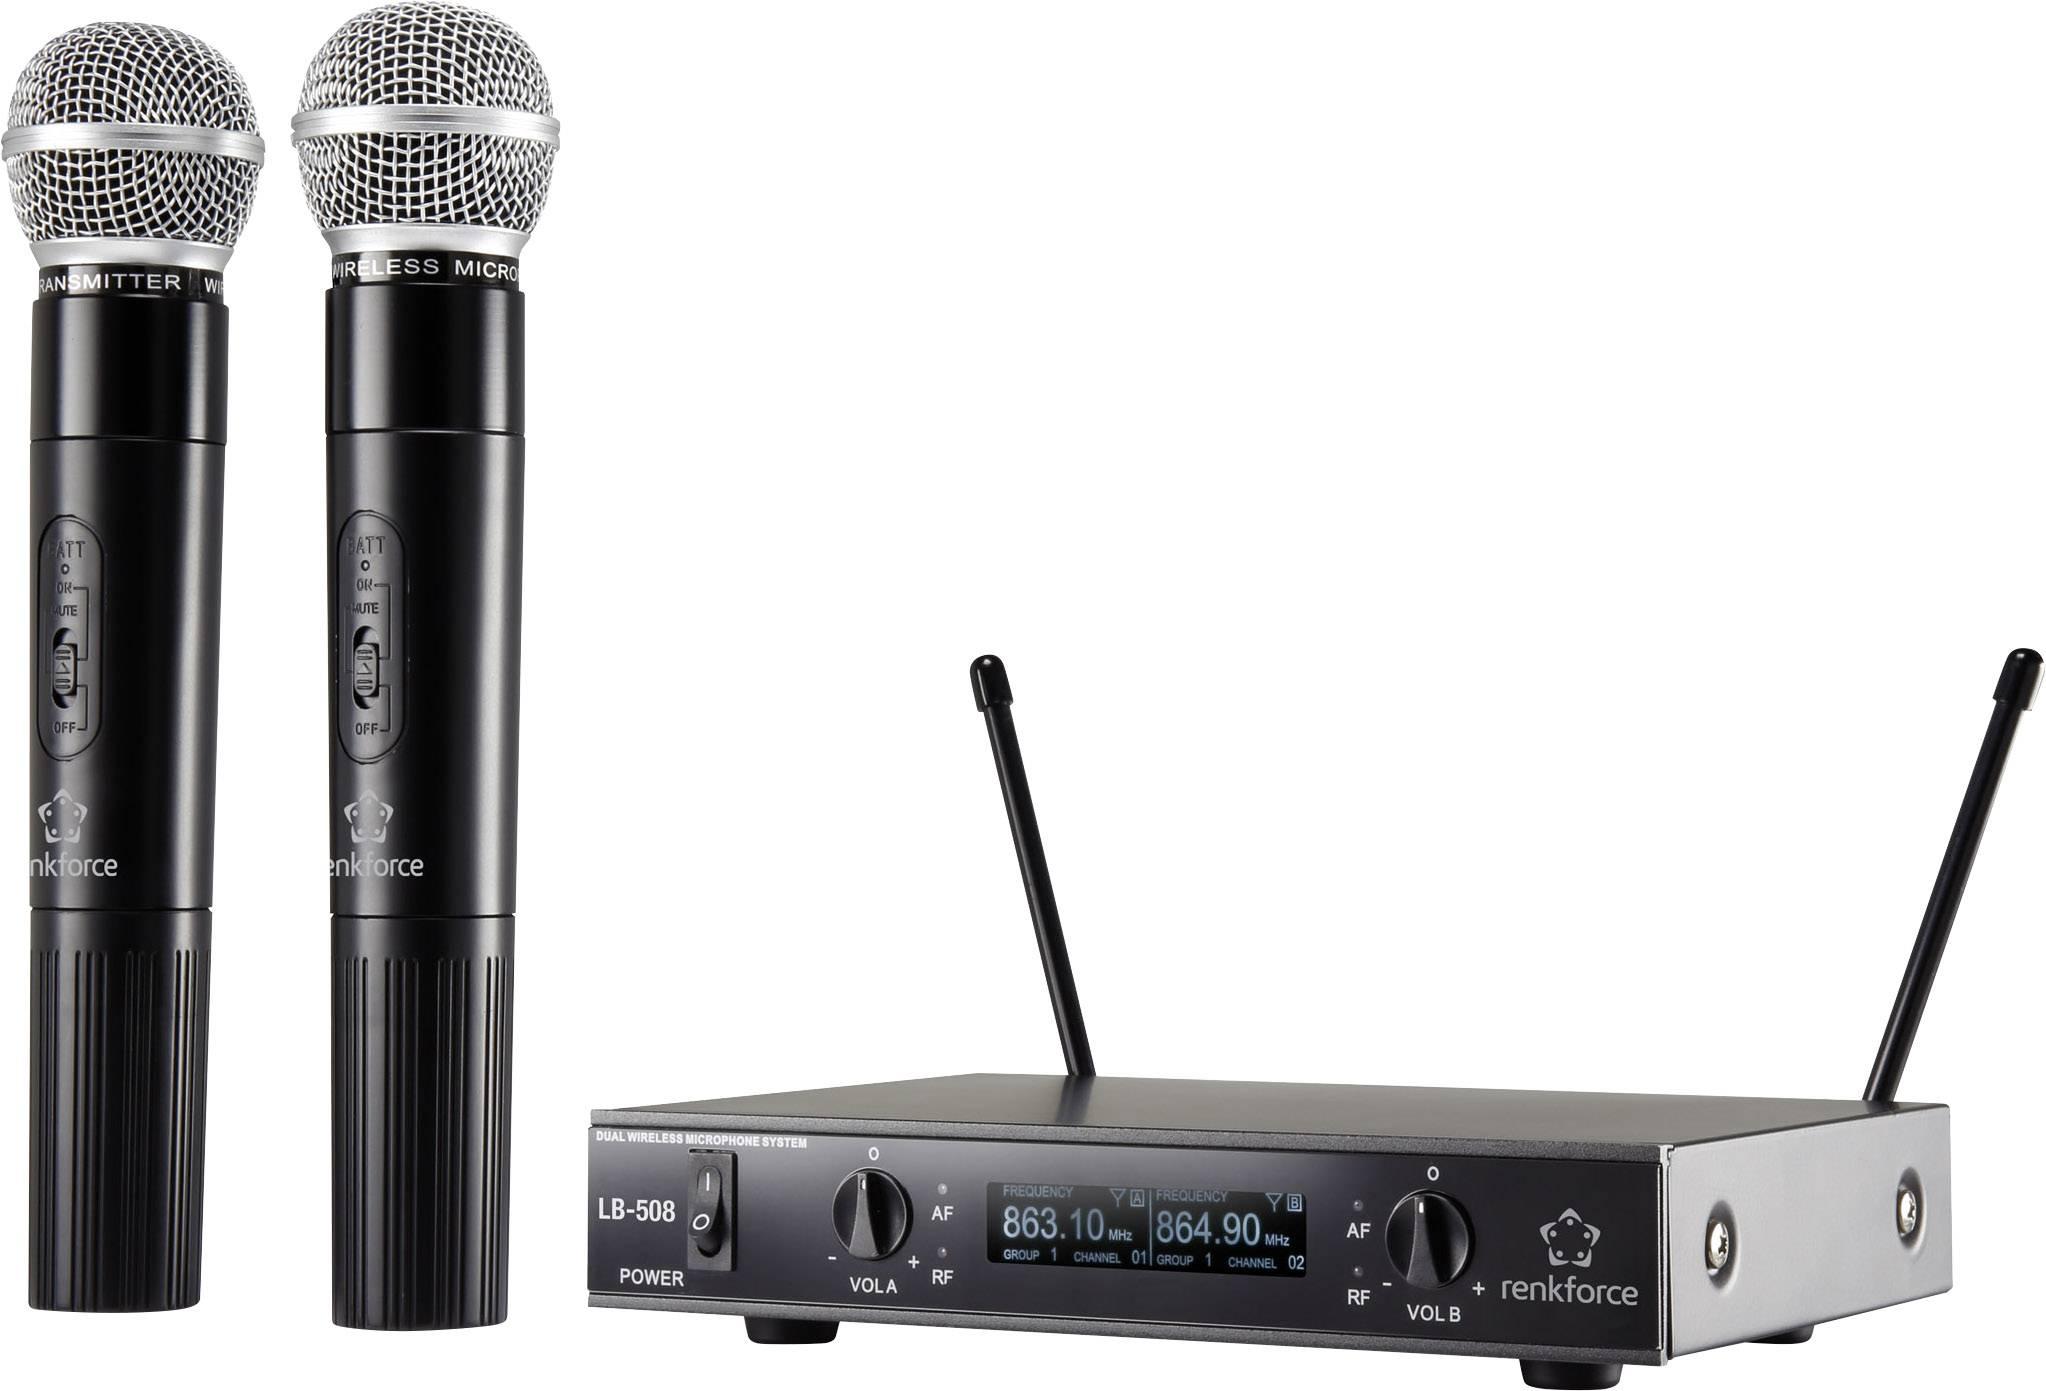 Sada bezdrôtovým mikrofónov RENKFORCE LB-505